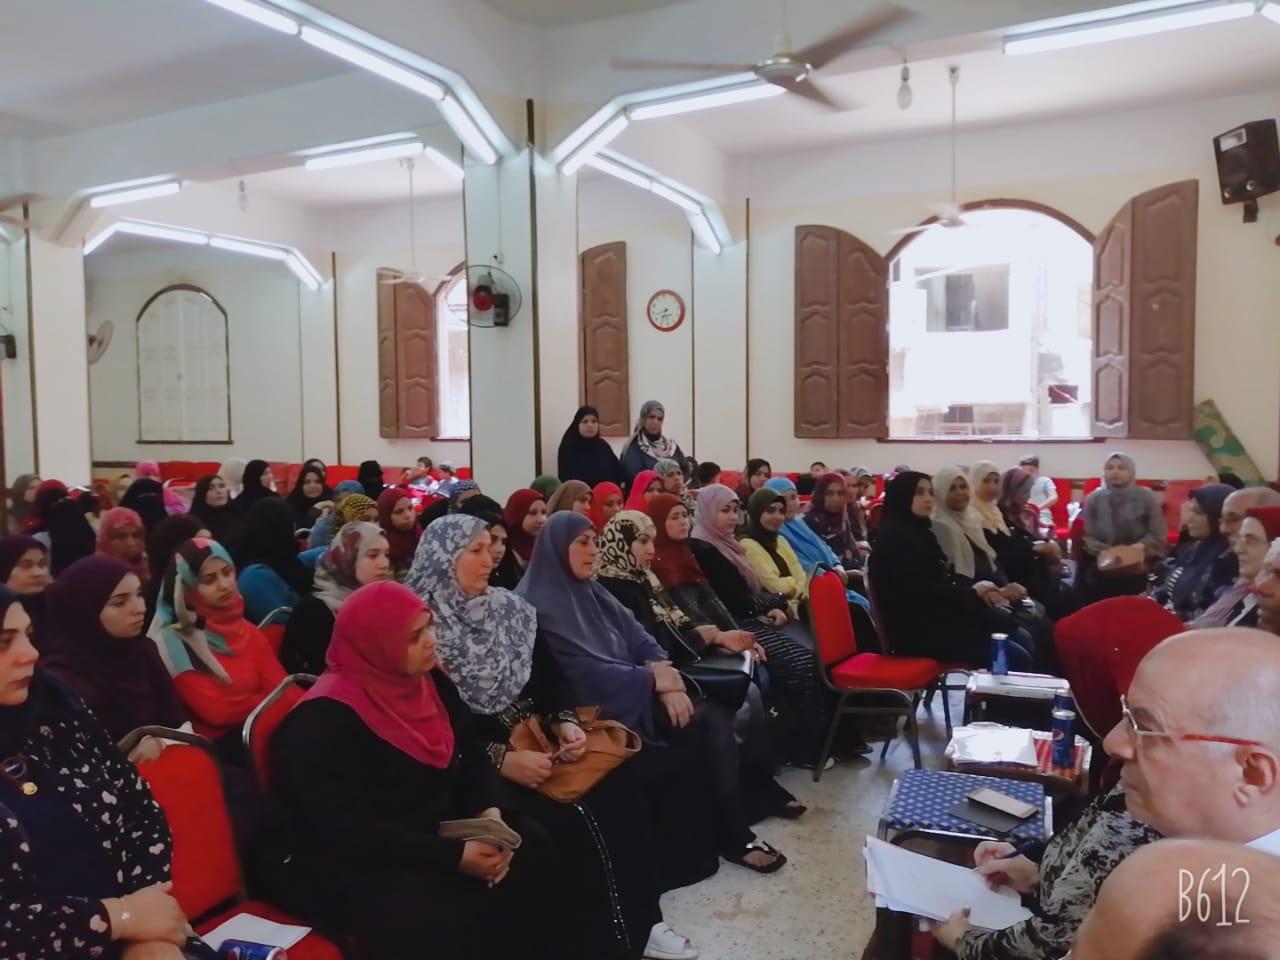 القومى للمرأة بالشرقية ينظم قوافل توعية فى اليوم الوطني لمناهضة ختان الإناث (5)